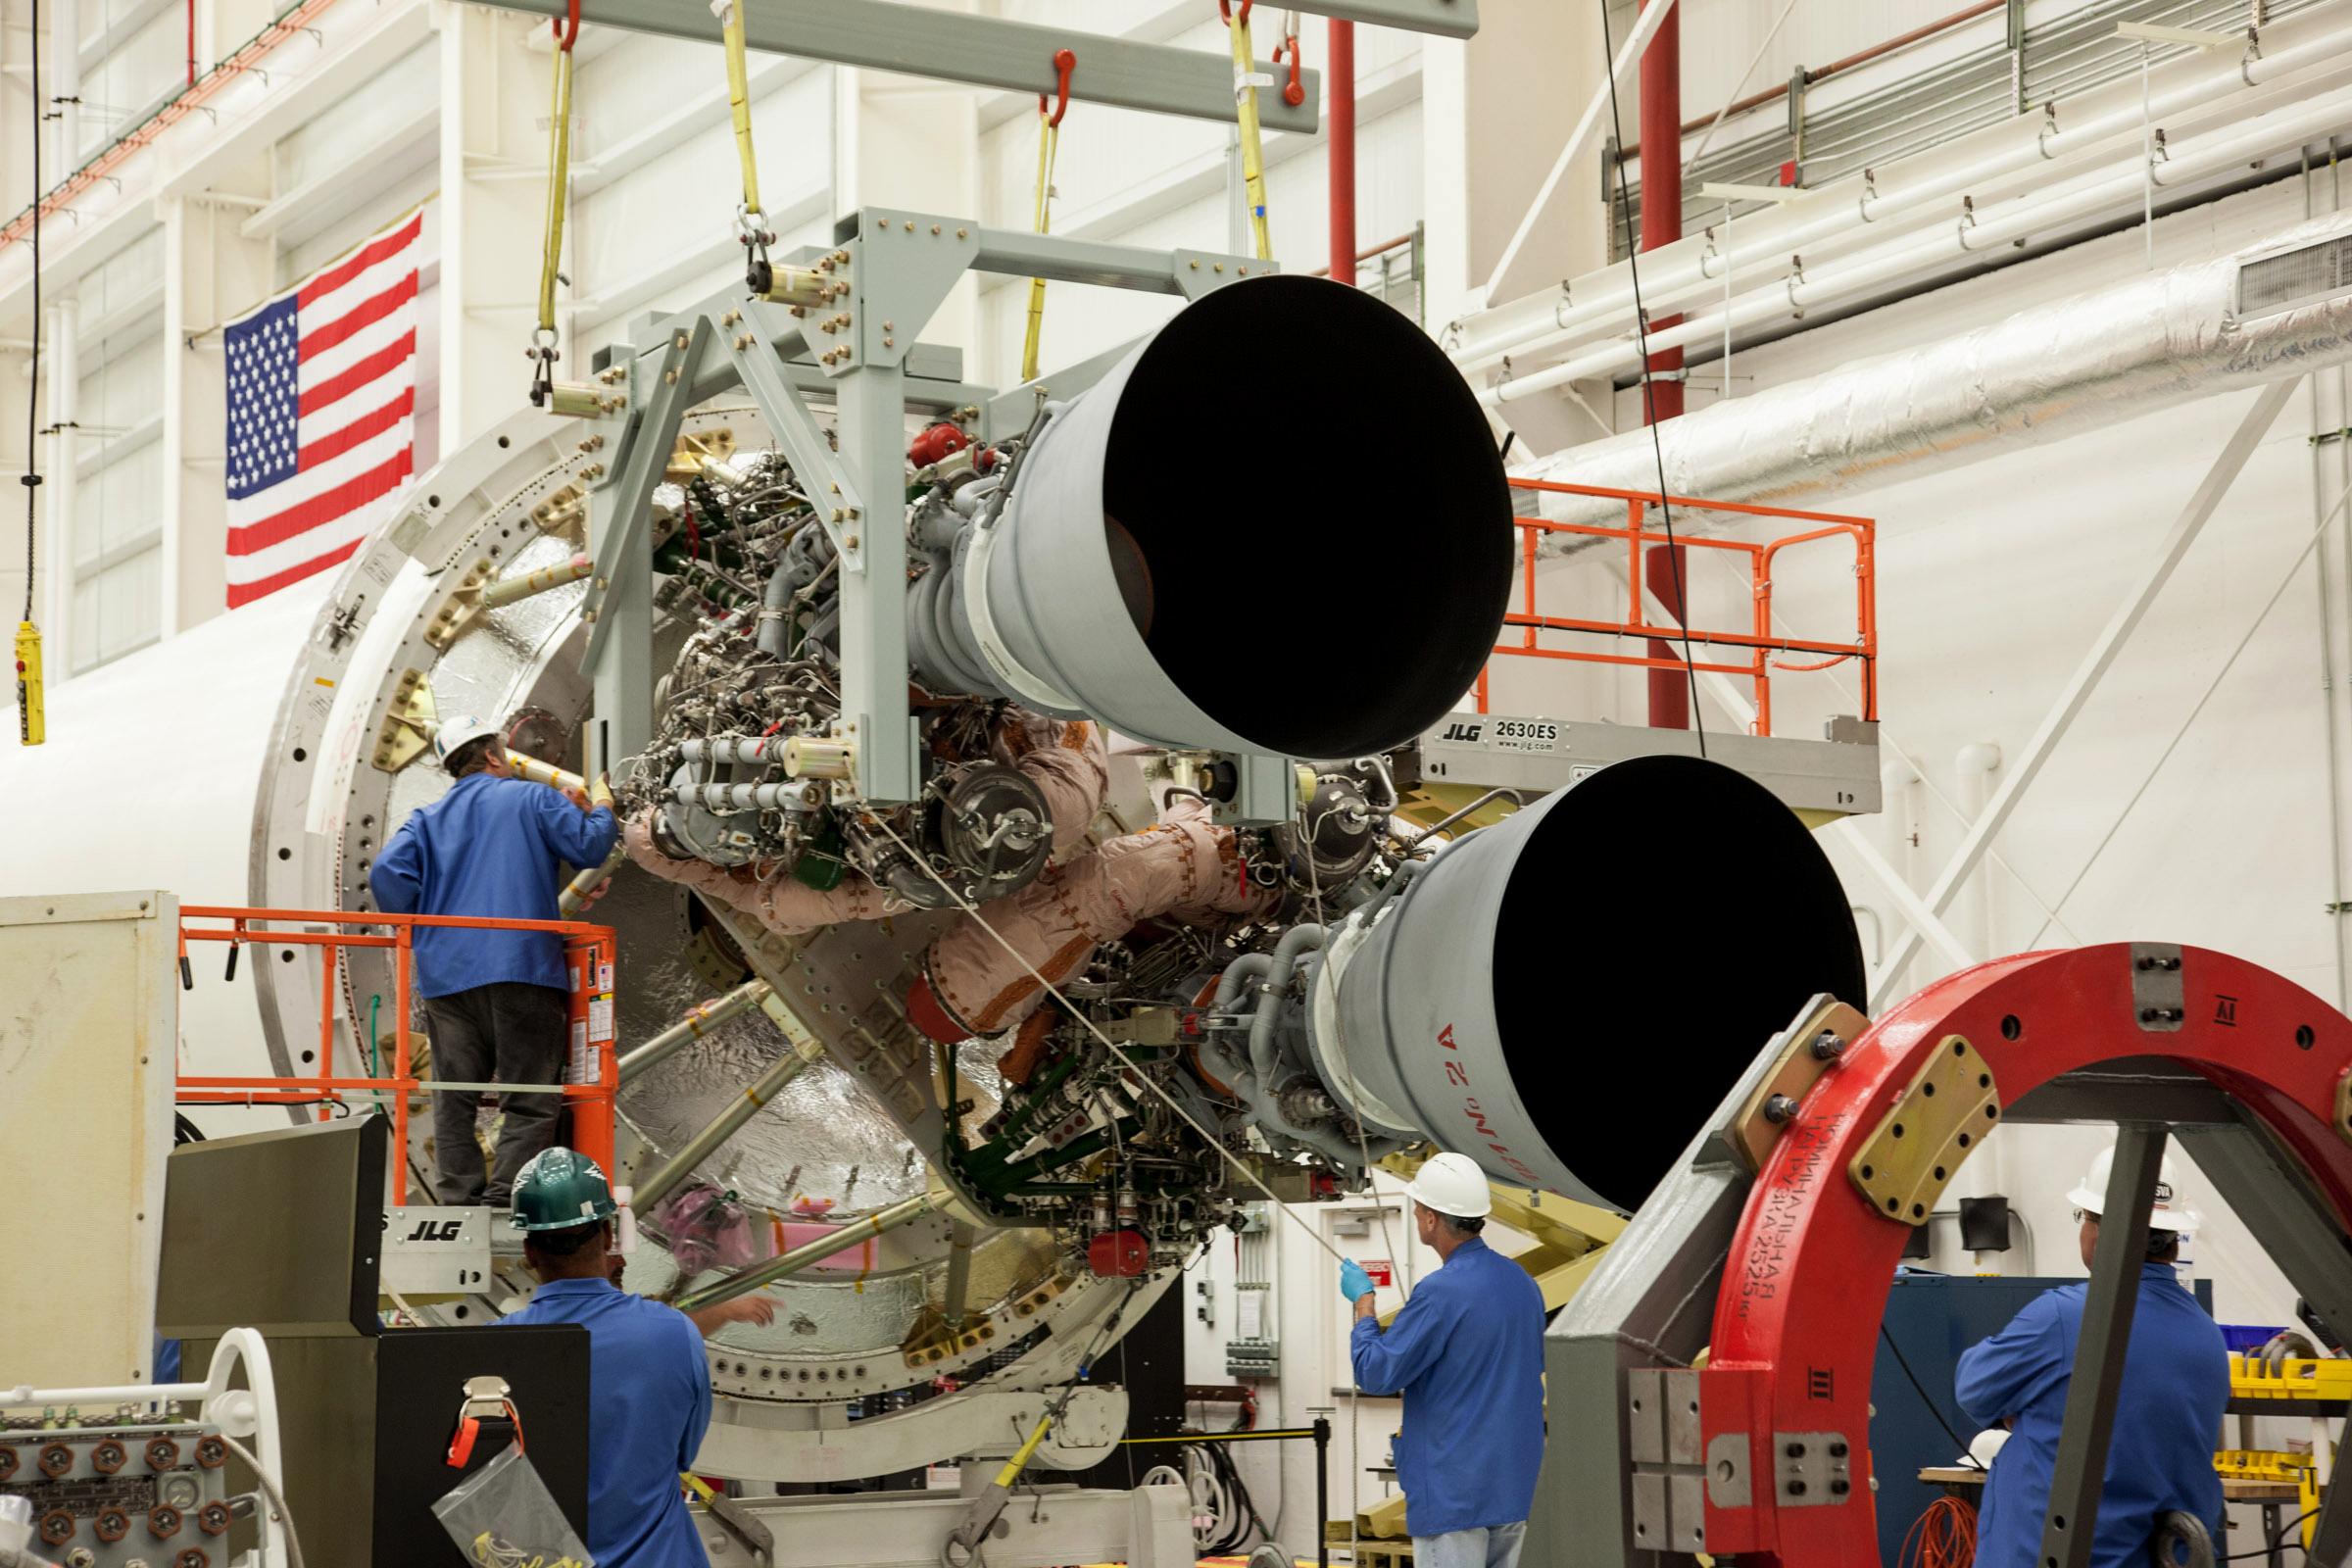 украинский или российский двигатель на ракеты сша цветы индиго